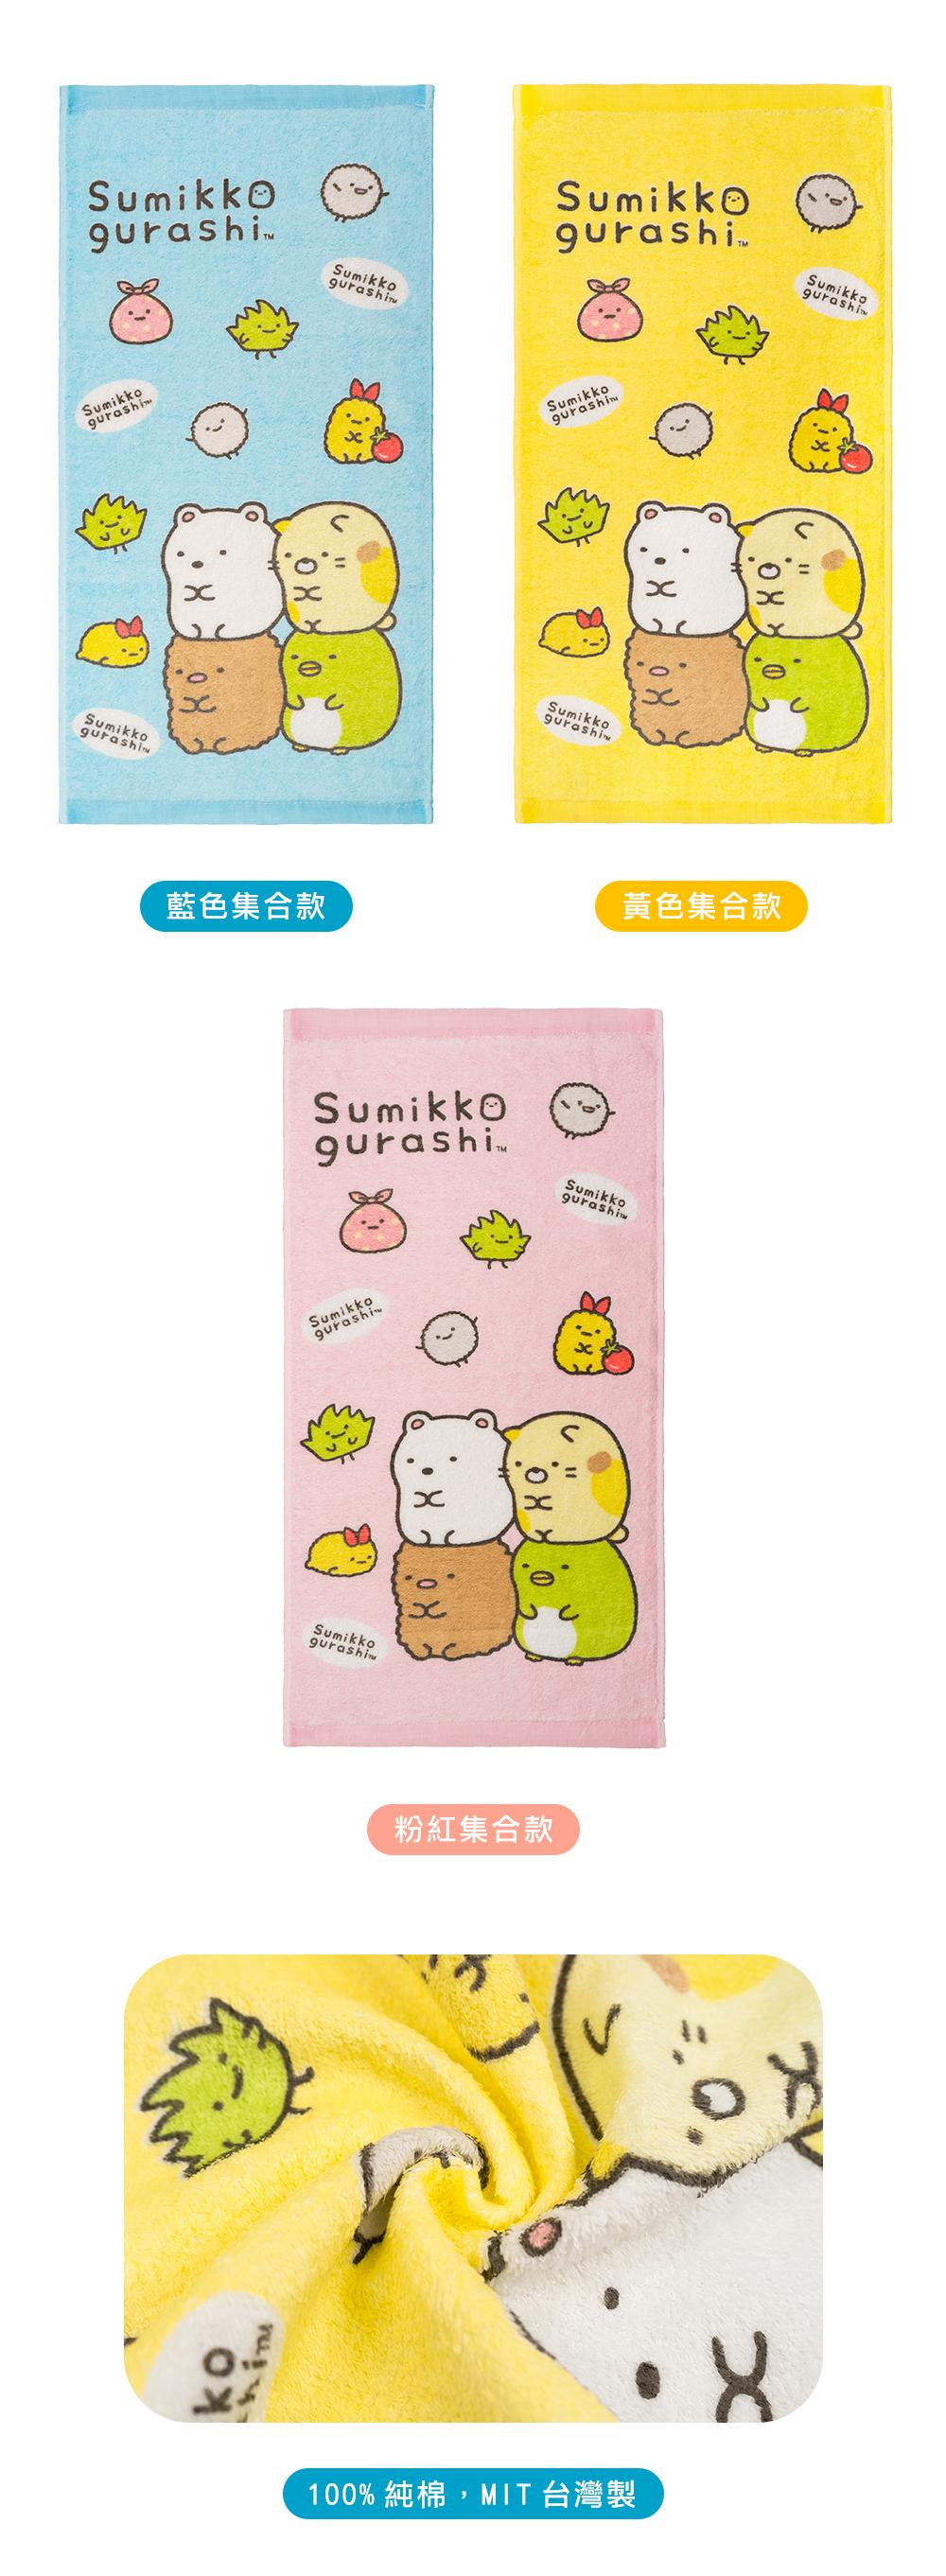 角落生物印花童巾【SG0100200502】、毛巾